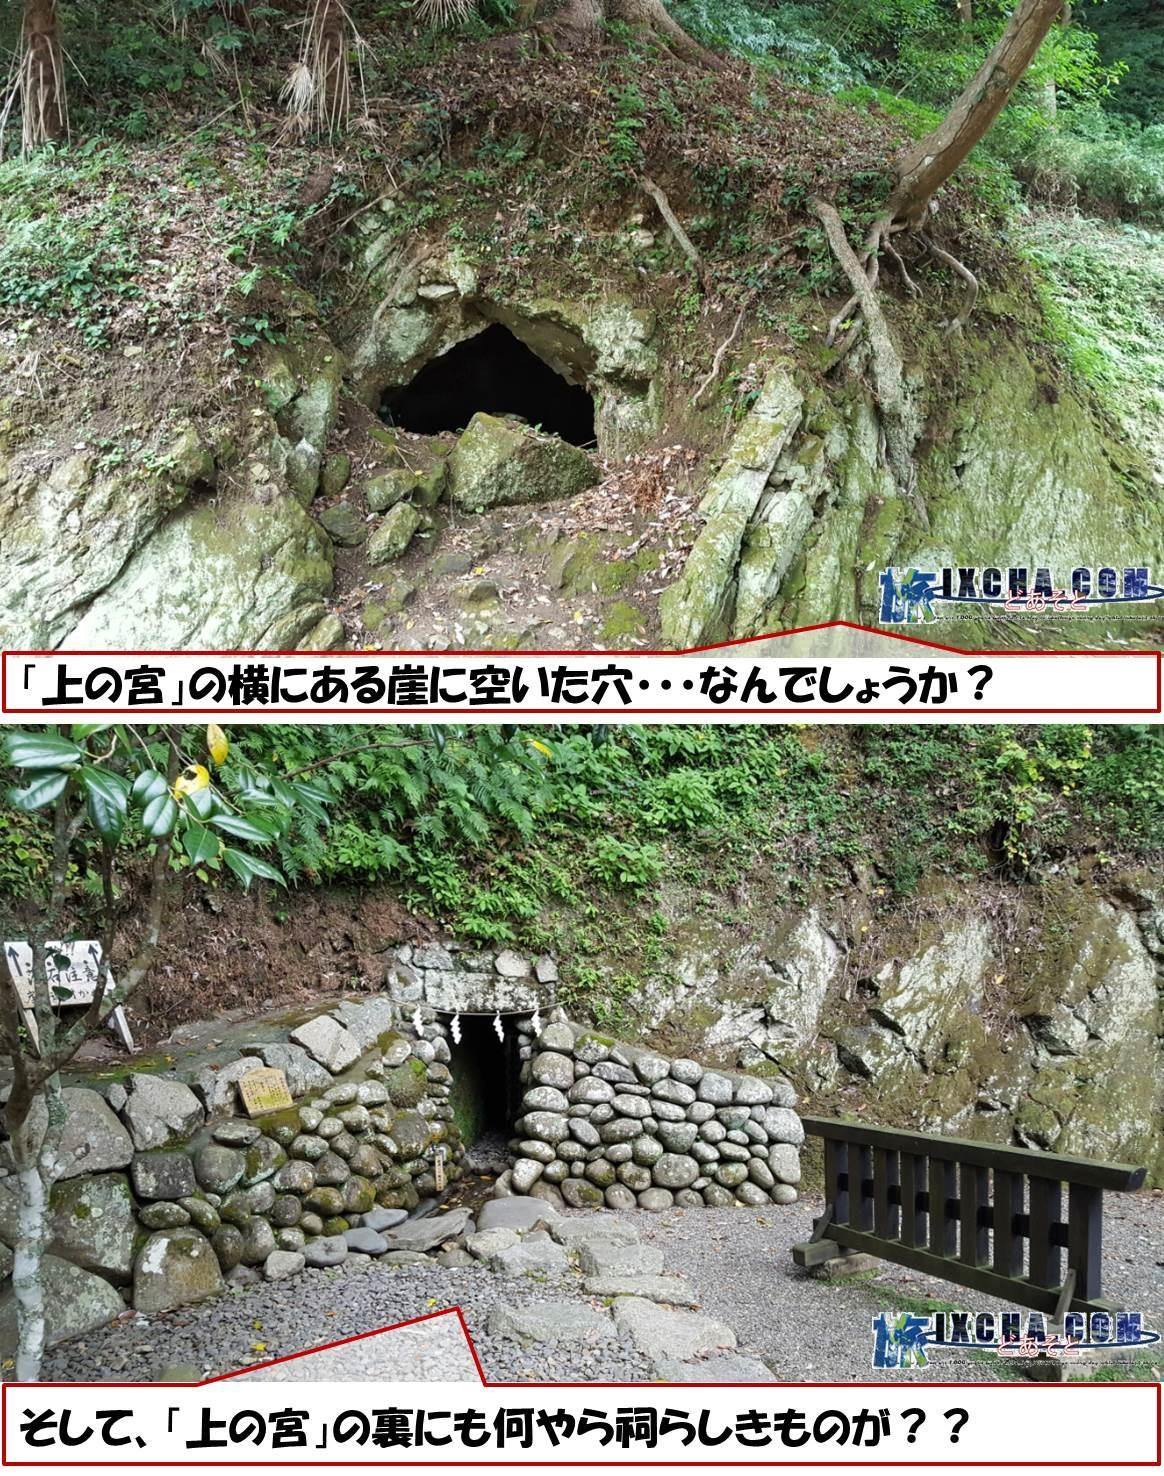 「上の宮」の横にある崖に空いた穴・・・なんでしょう?気になります。 そして、「上の宮」の裏にも何やら祠らしきものが??